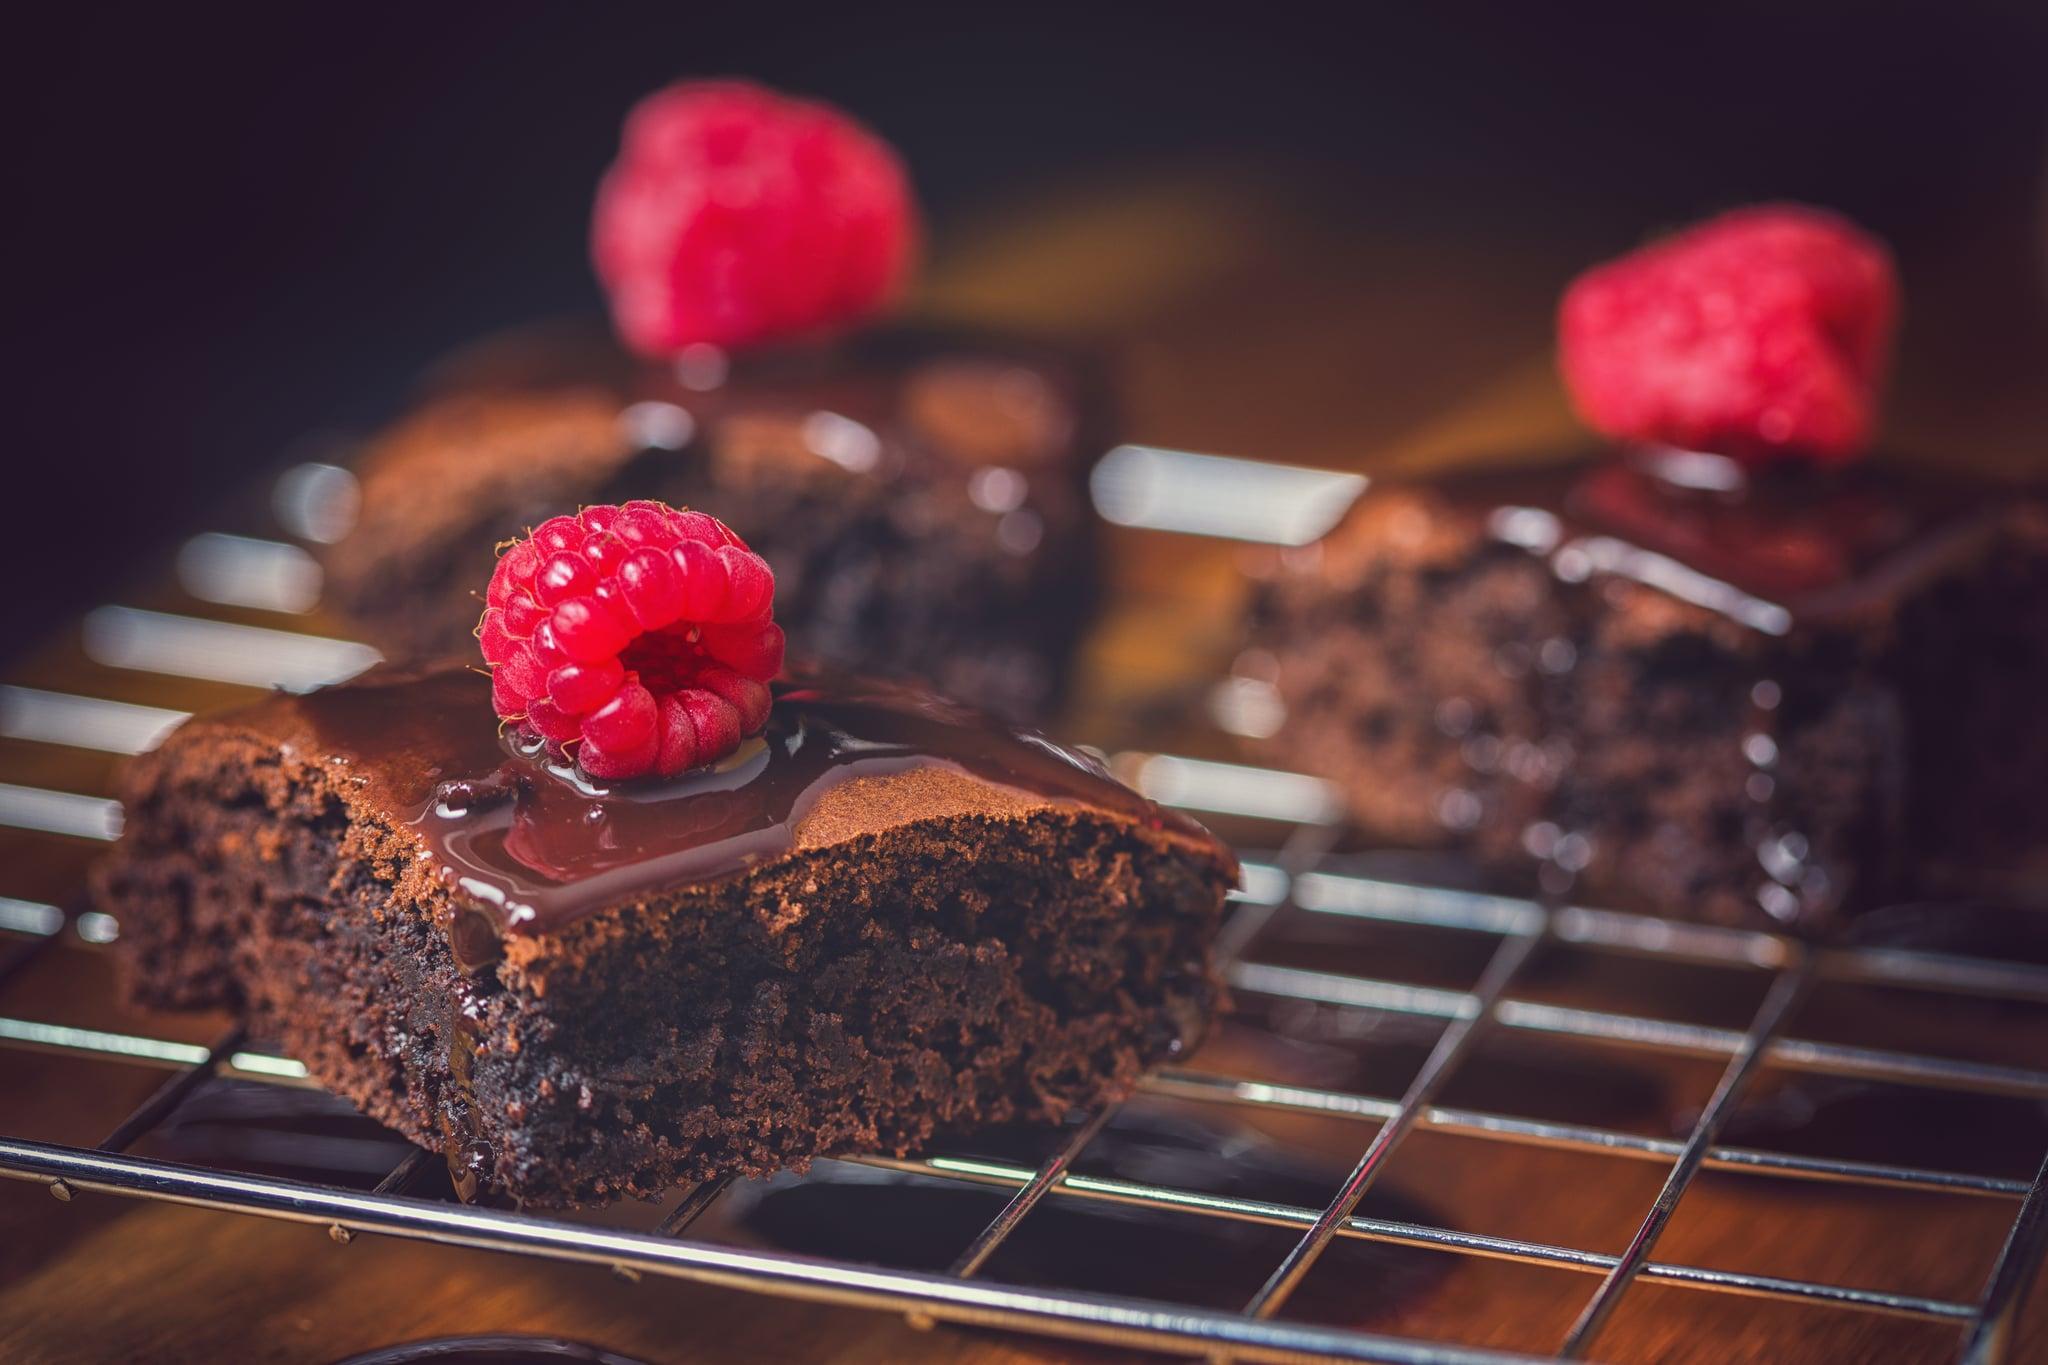 Freshly made chocolate brownies with raaspberries